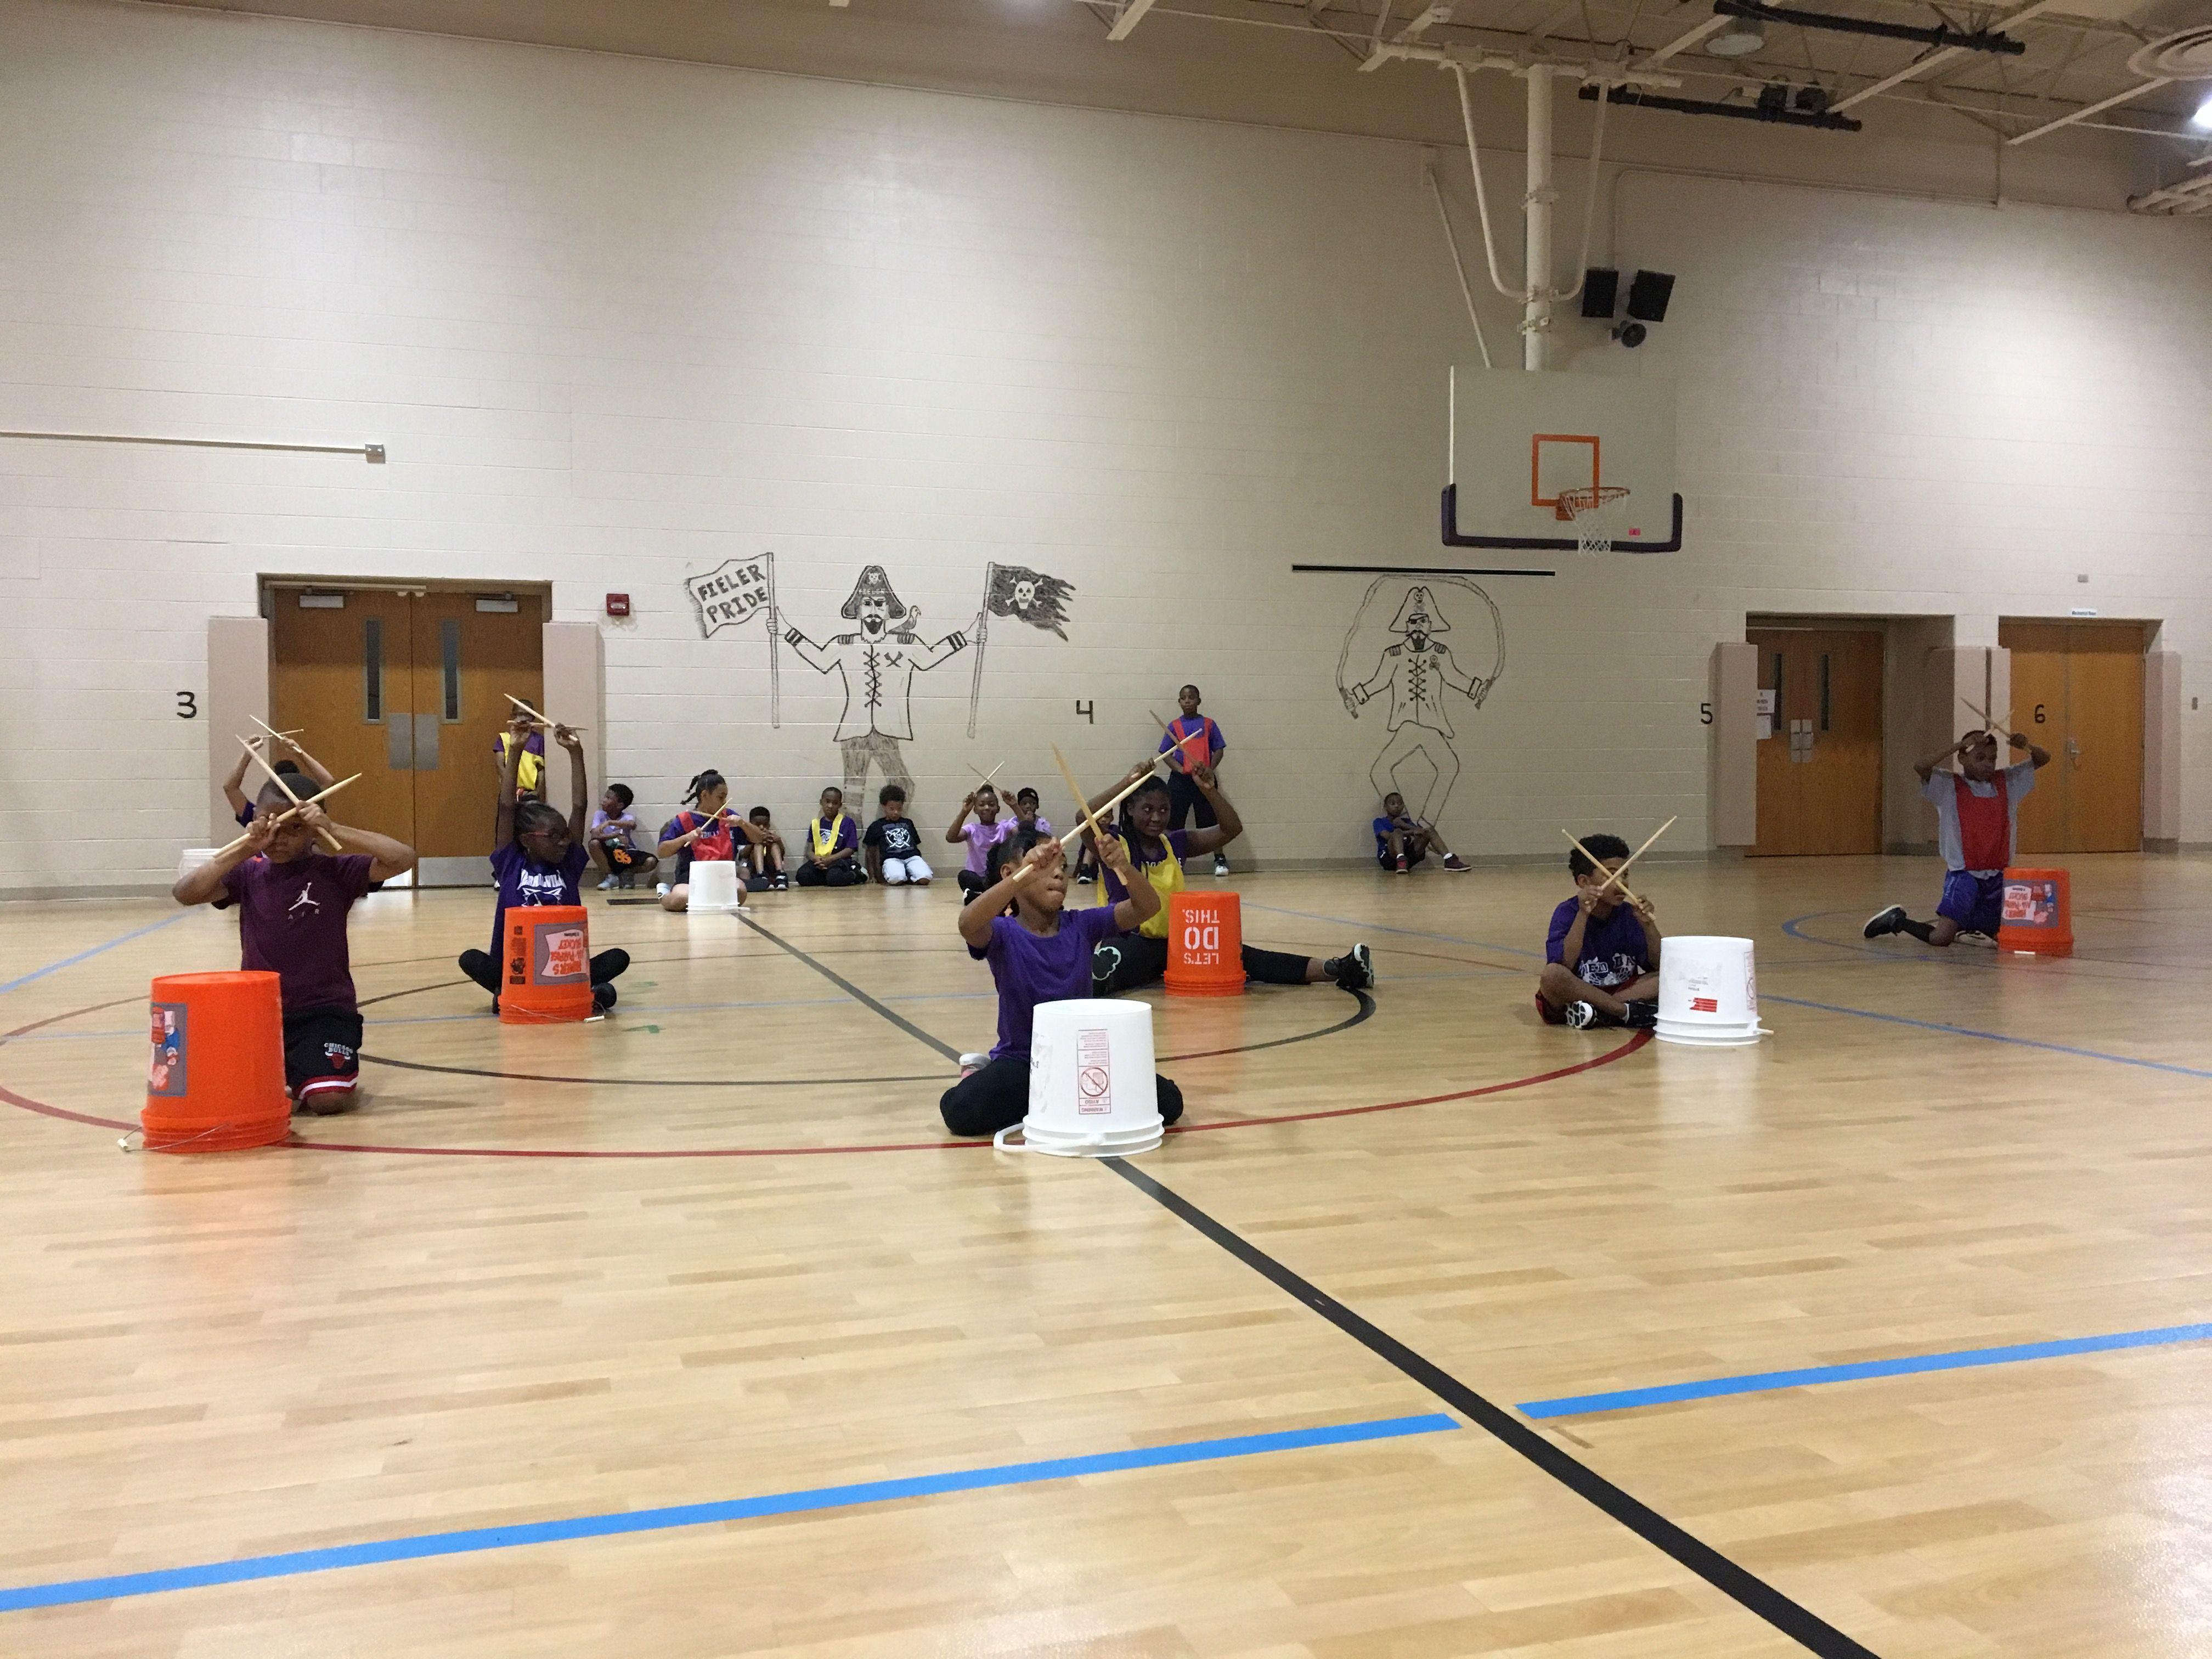 Home Basketball camp, Dance camp, Basketball ball